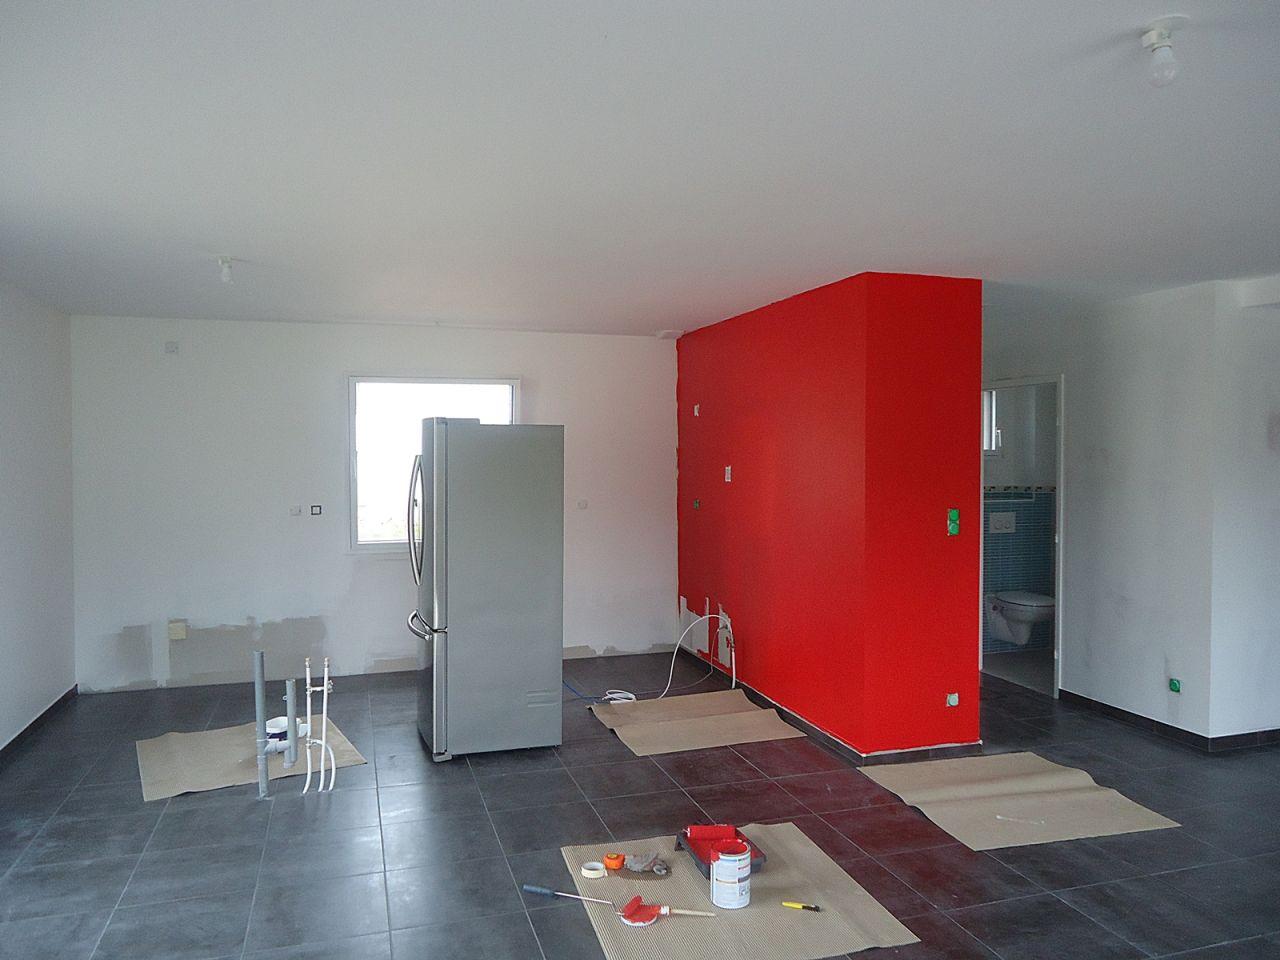 Dalles abri de jardin fa ence wc et salle de bain for Pb choix peinture cuisine